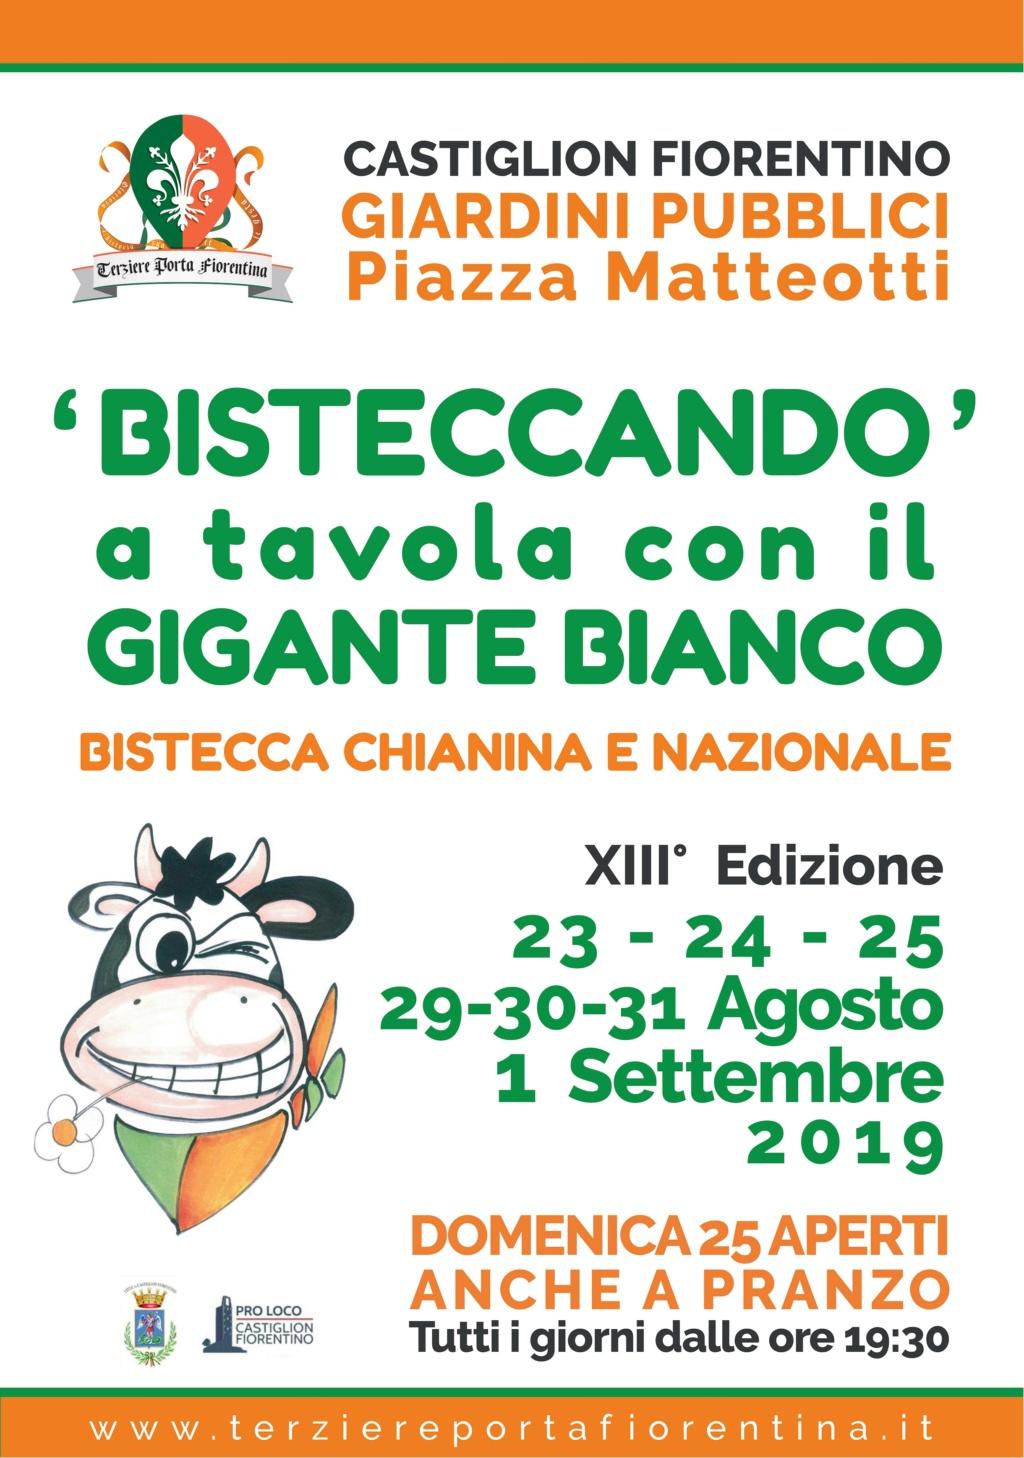 Bisteccando - Castiglion Fiorentino (AR) 23-24-25- 29-30-31 Agosto 1 Settembre  000110